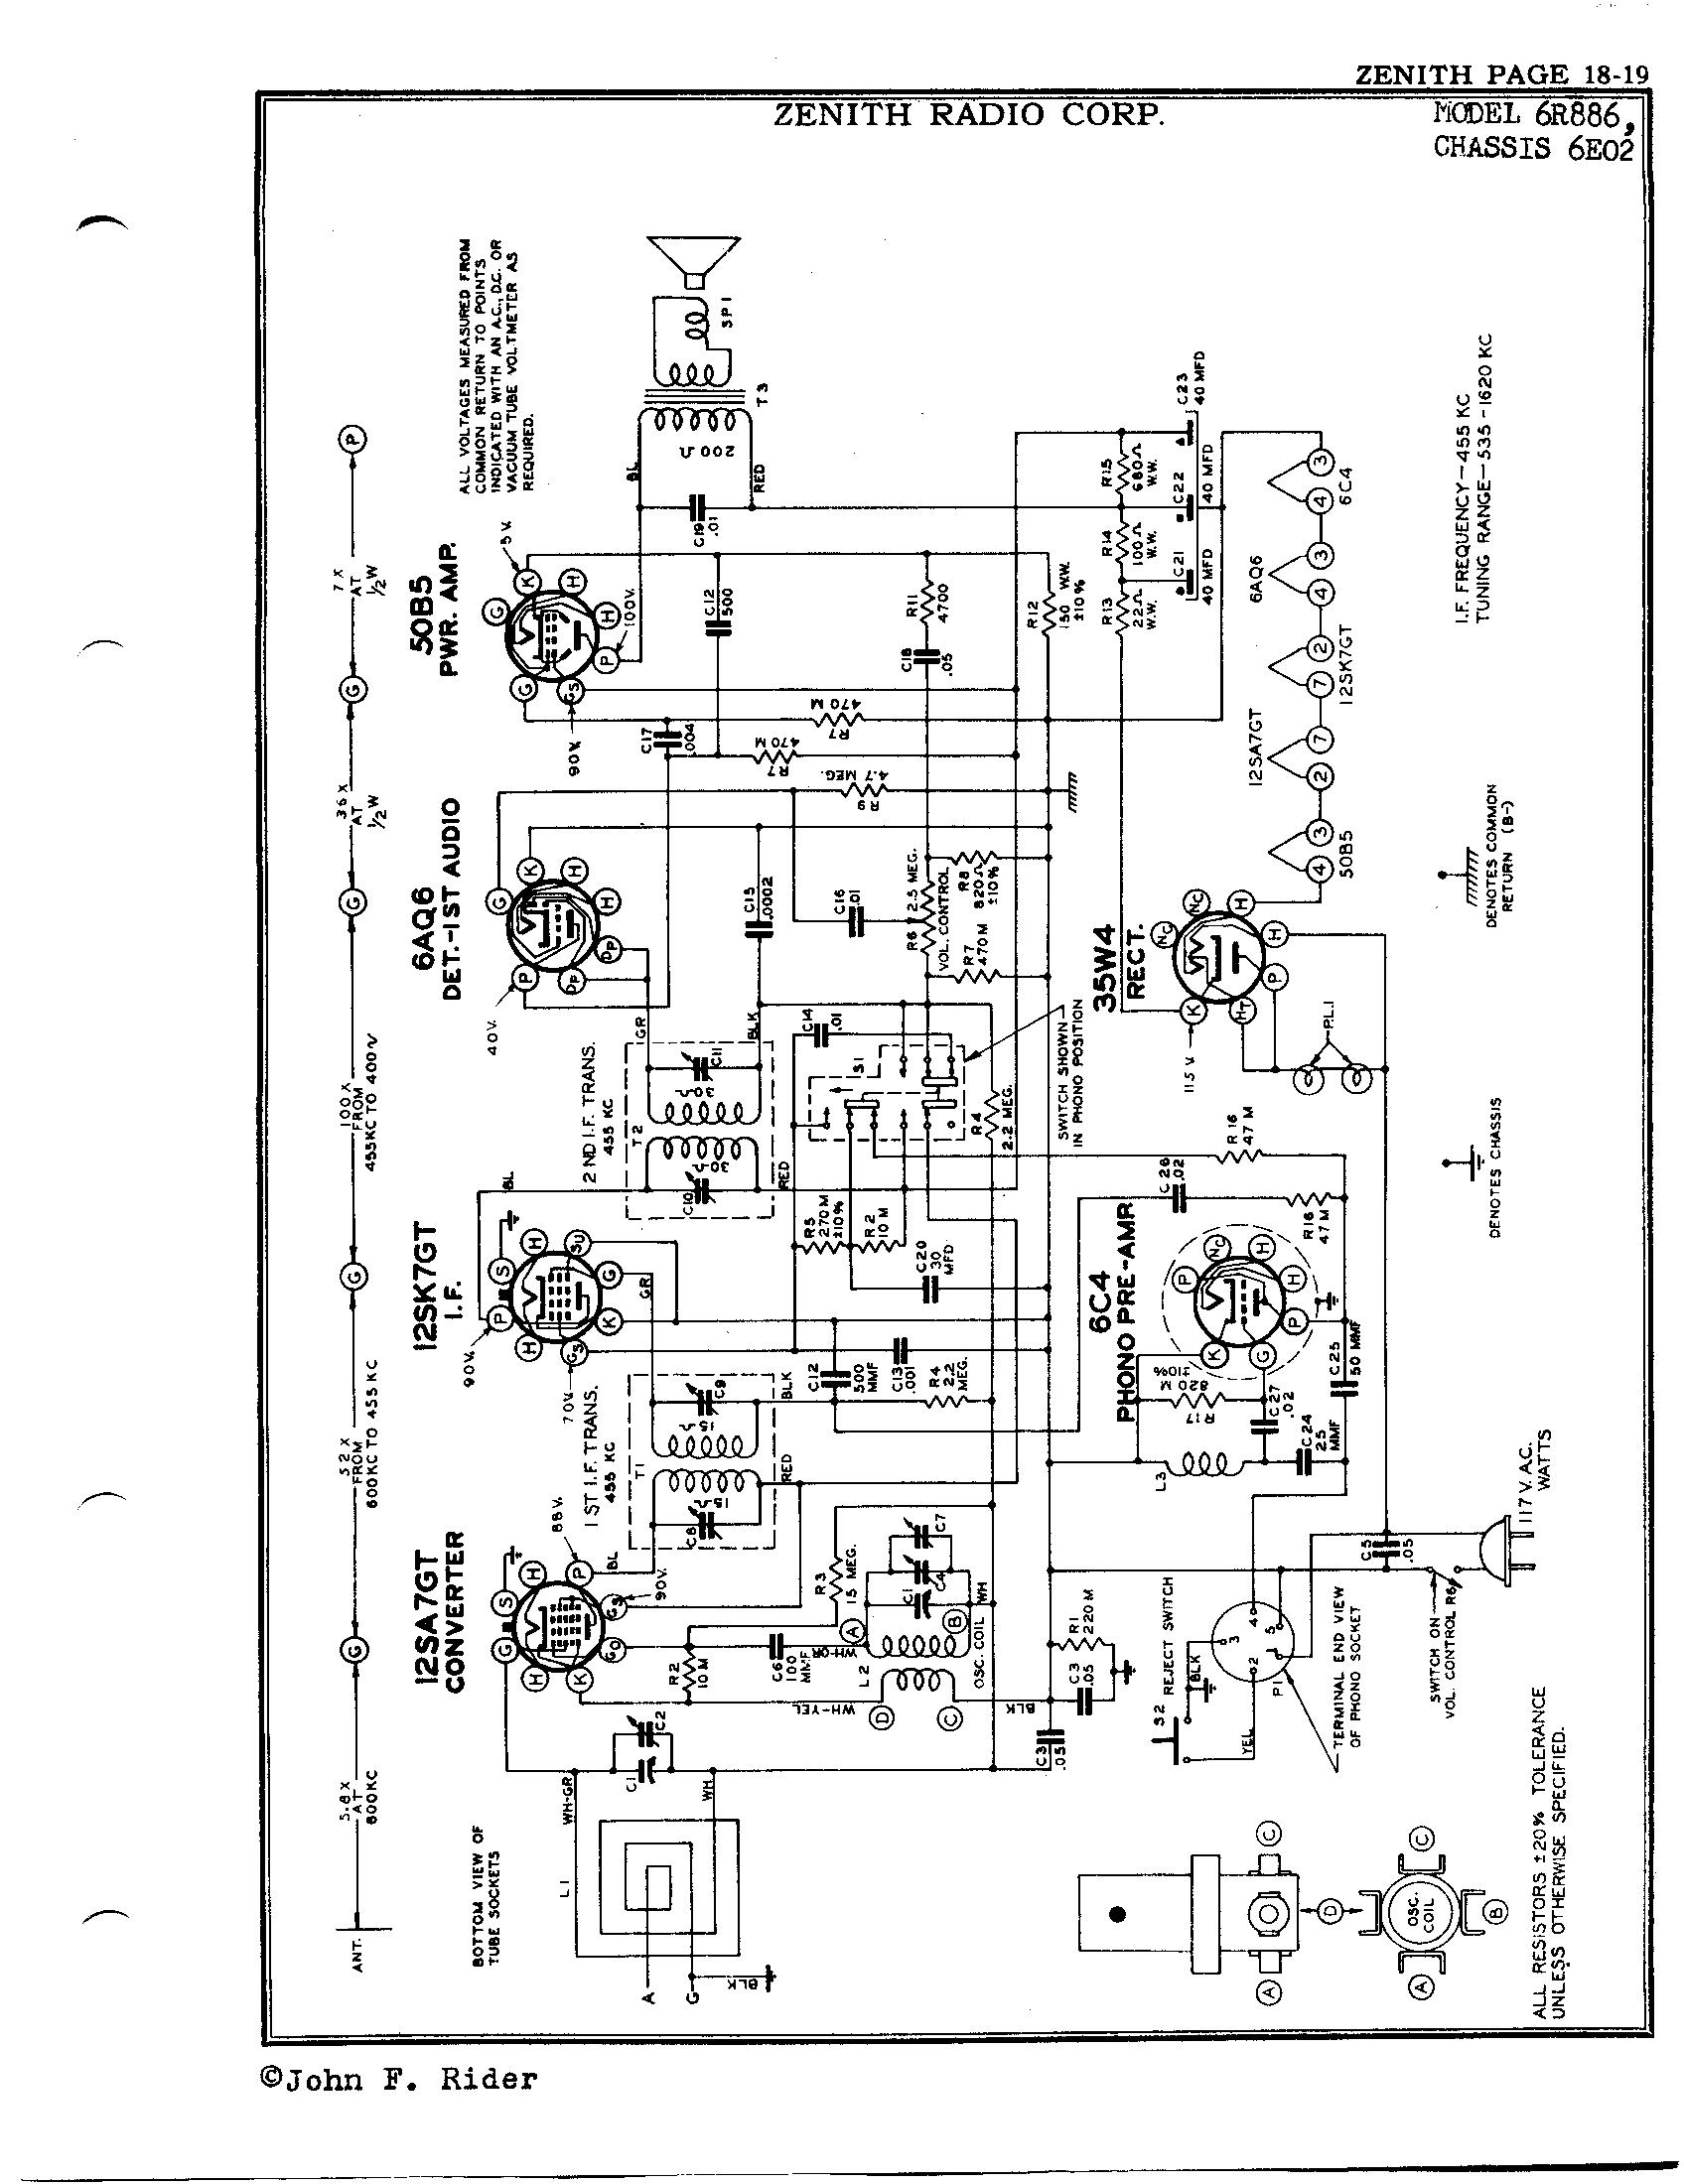 Zenith Radio Corp 6r886